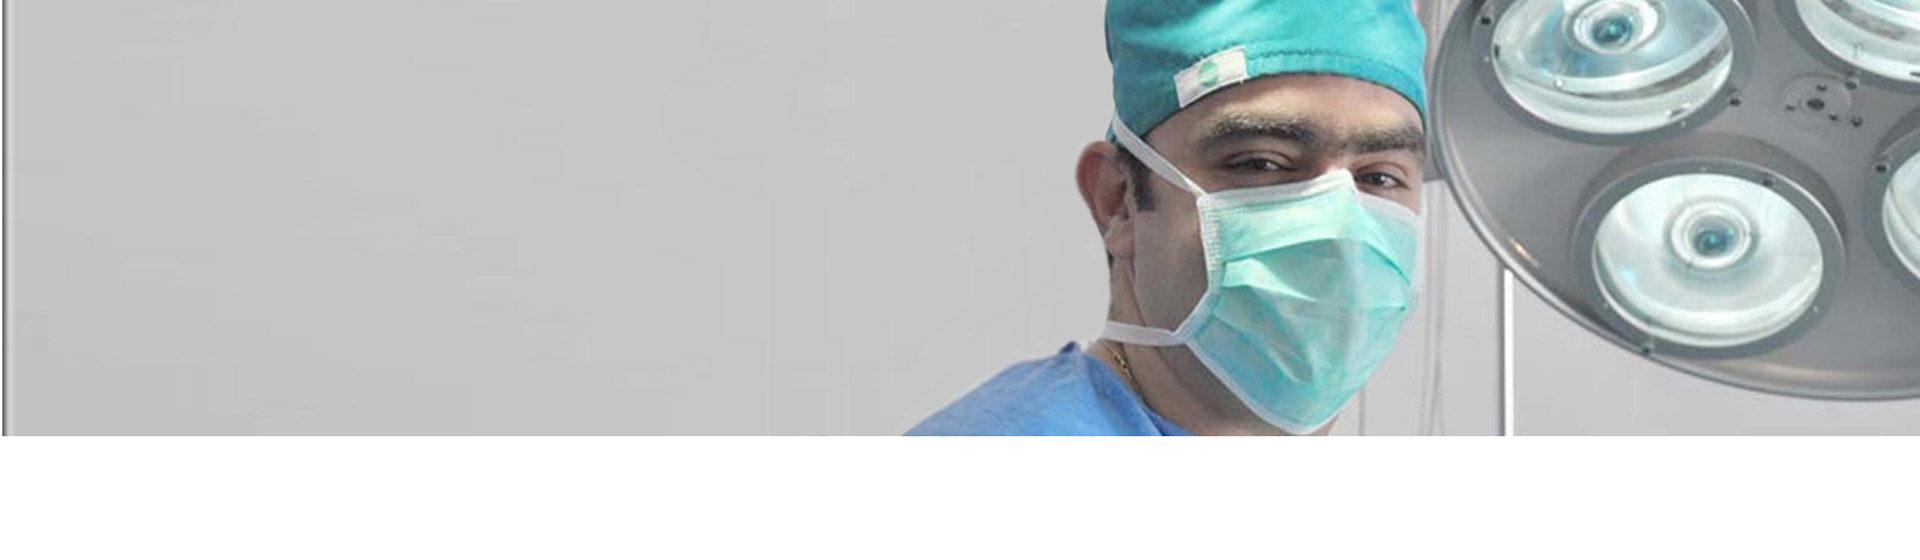 Μιχάλης Θ. Πολυζώνης | Στρατιωτικός Ιατρός | Γενικός Χειρουργός | Θεσσαλονίκη | Μυτιλήνη